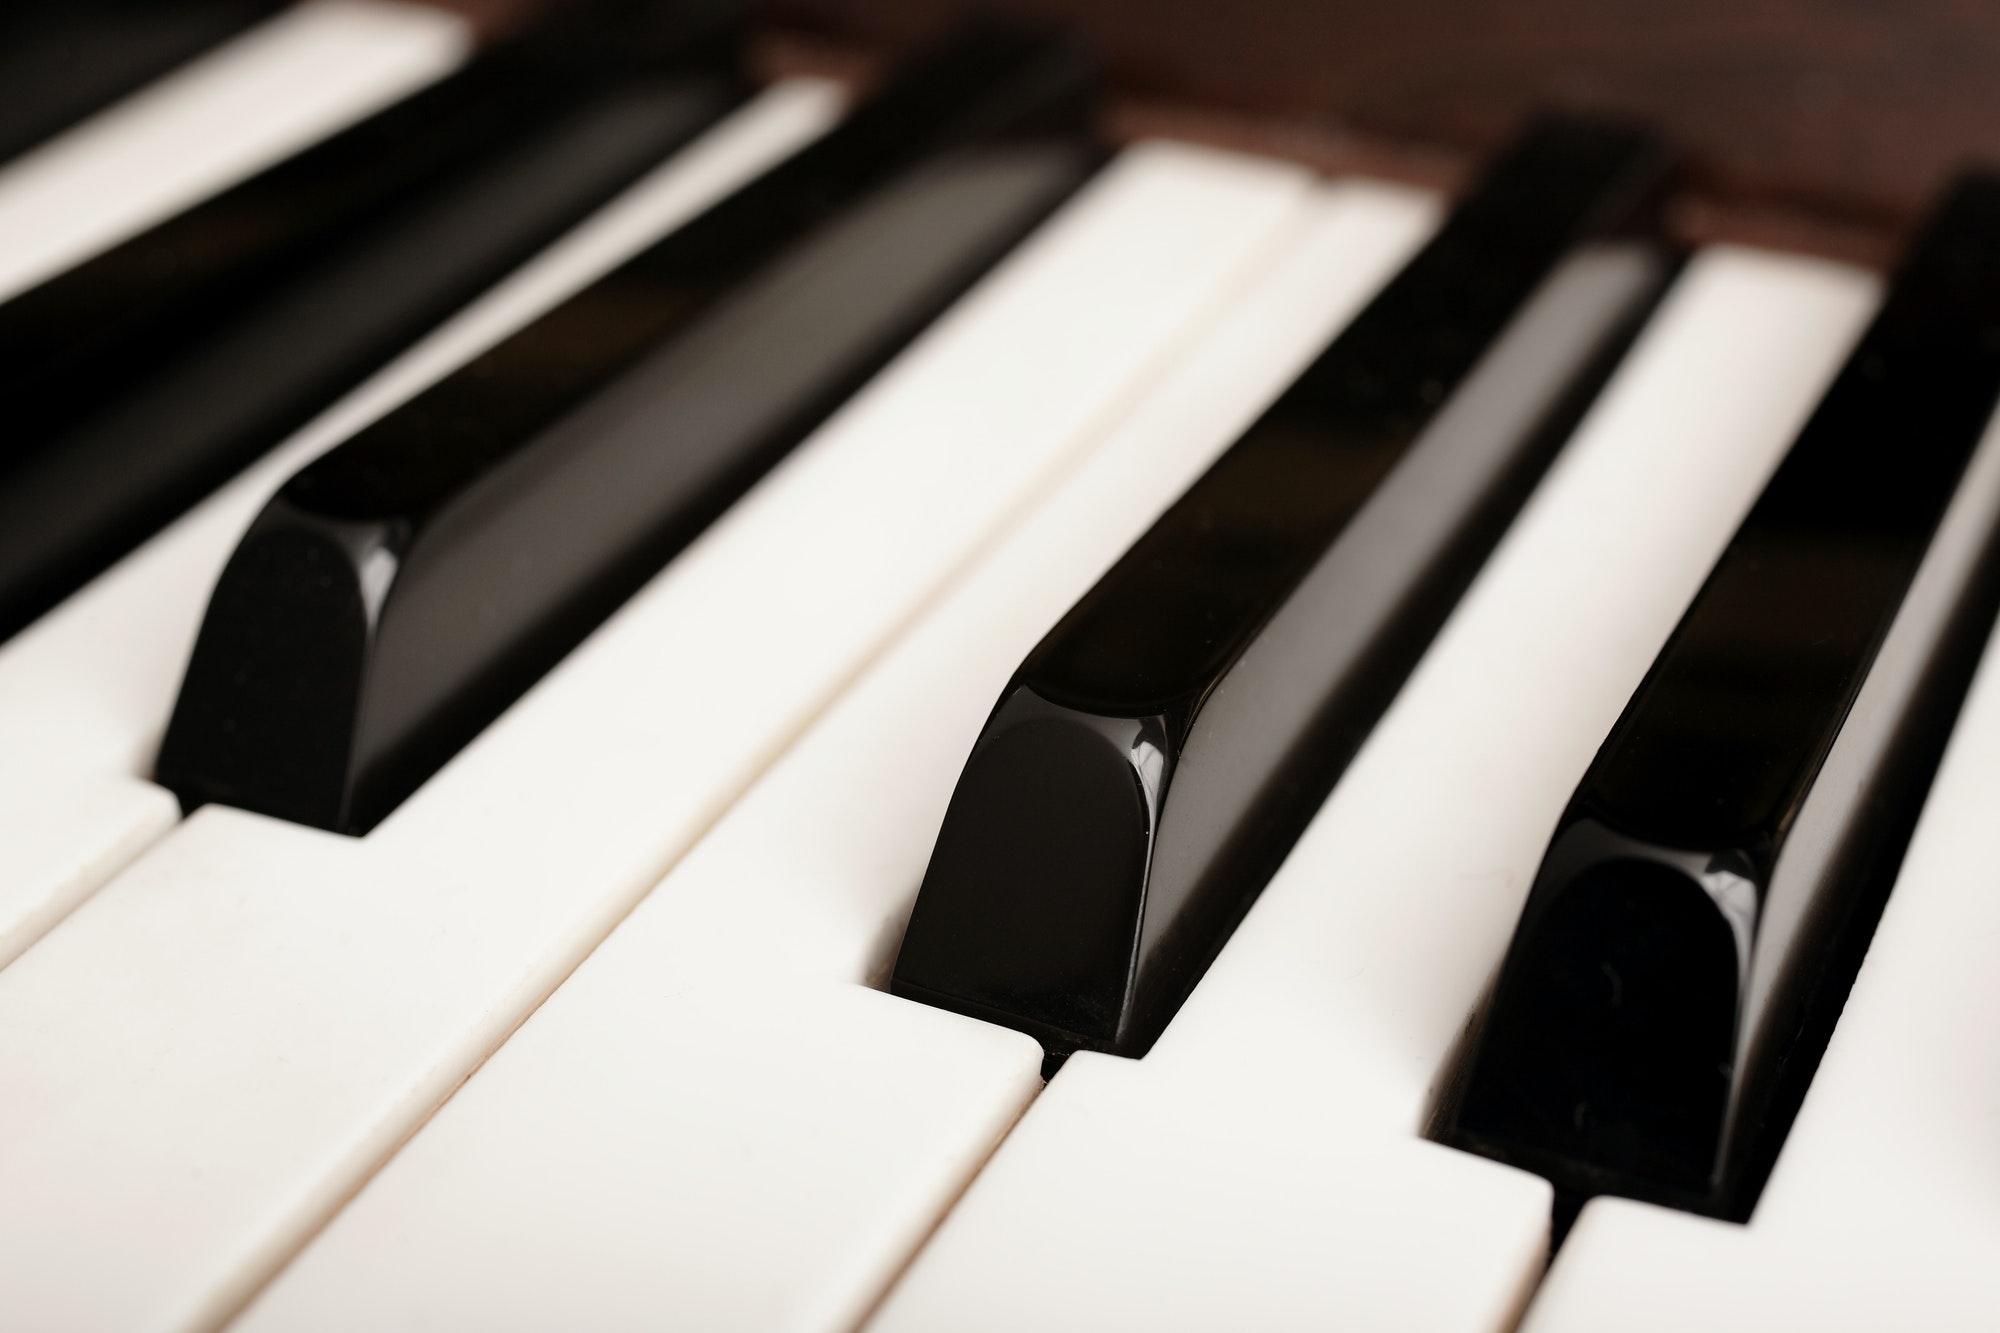 كيفية تعلم العزف على البيانو للمبتدئين